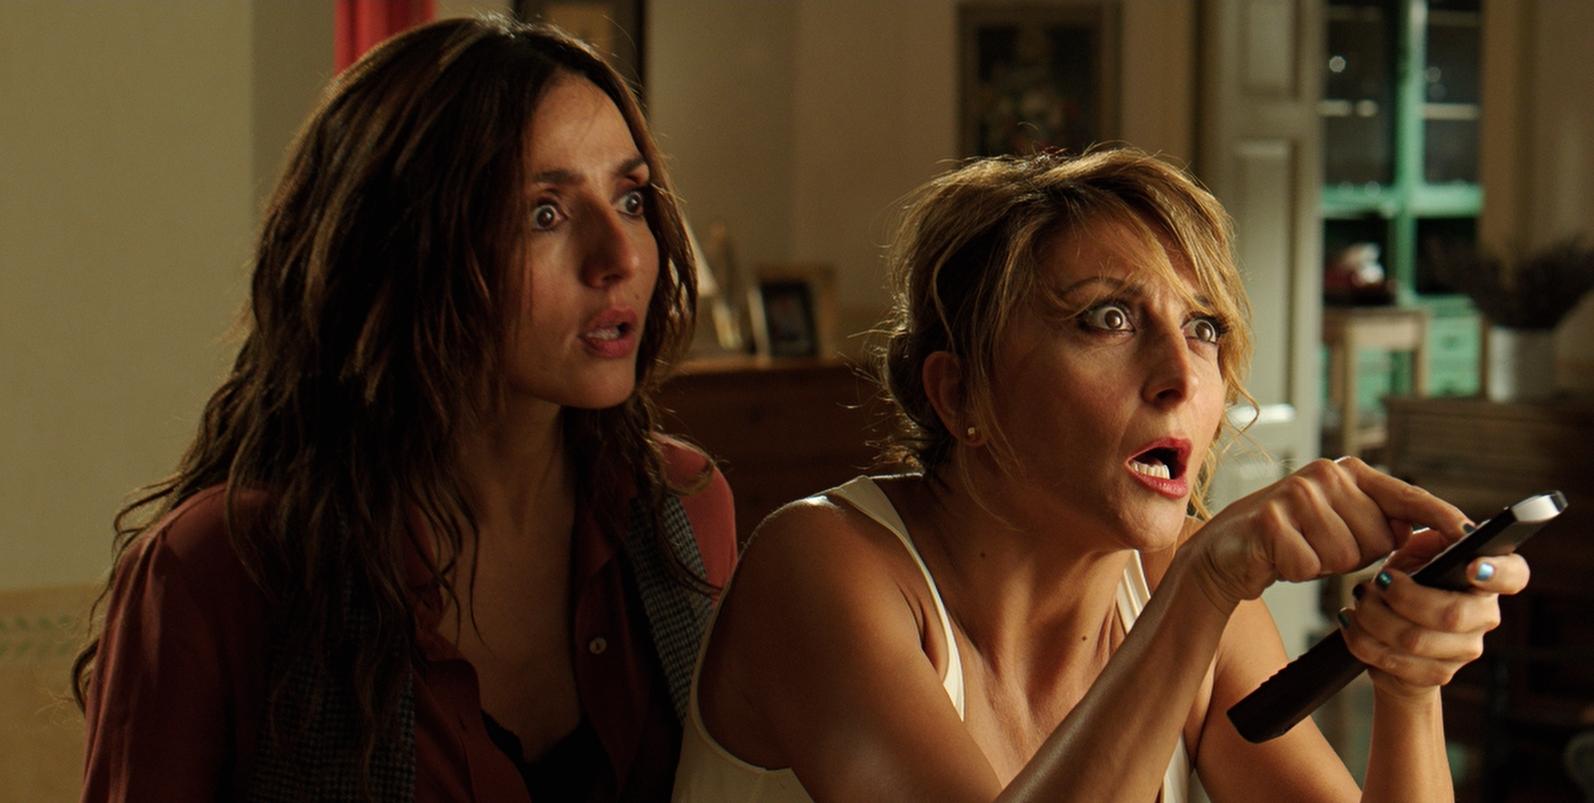 Un natale stupefacente: Ambra Angiolini e Paola Minaccioni in una scena